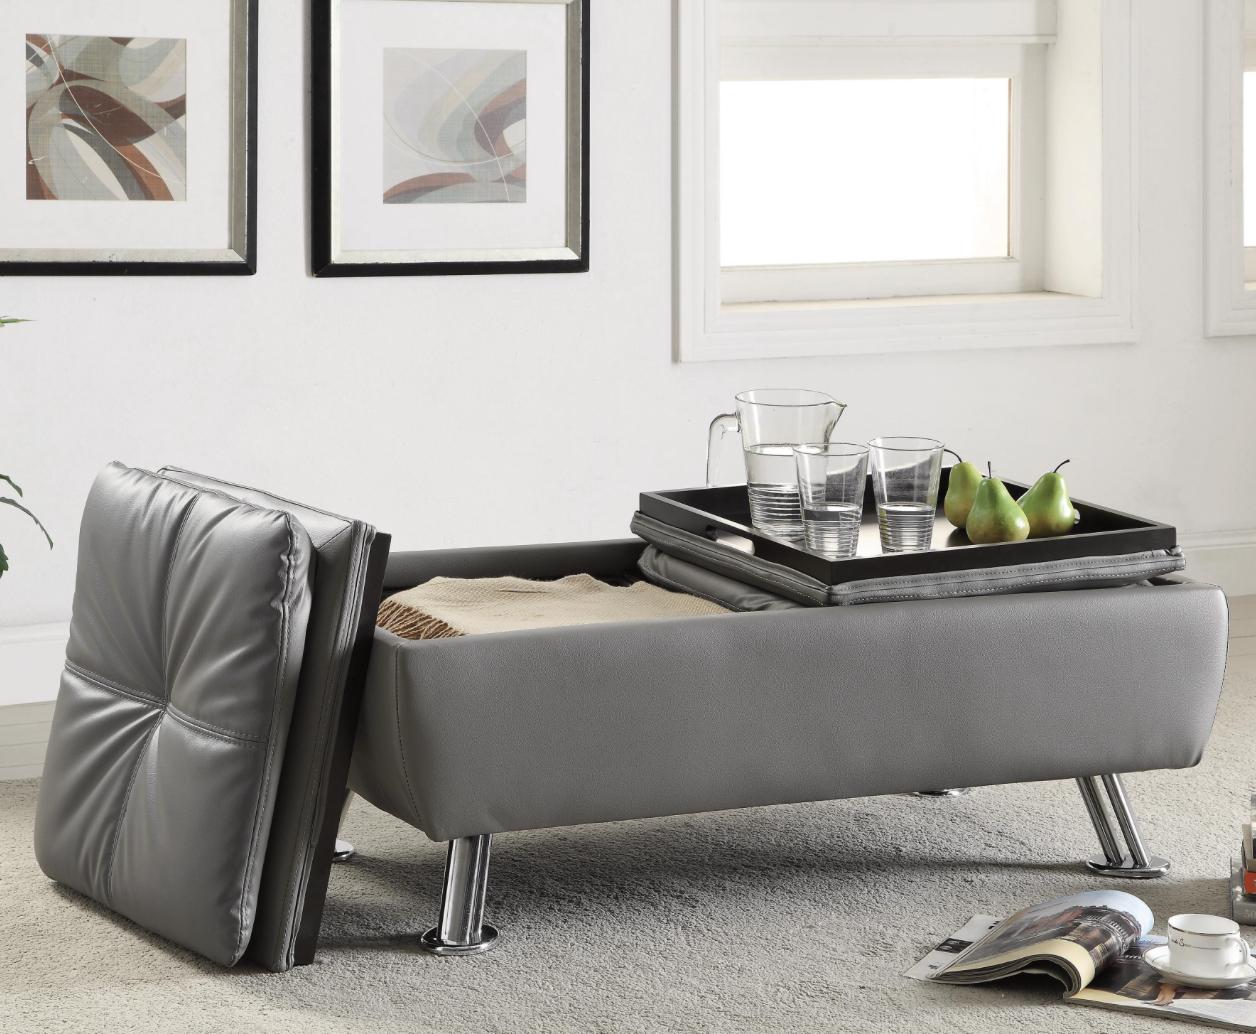 Xenia Storage Ottoman — Coco Furniture Gallery Furnishing Dreams